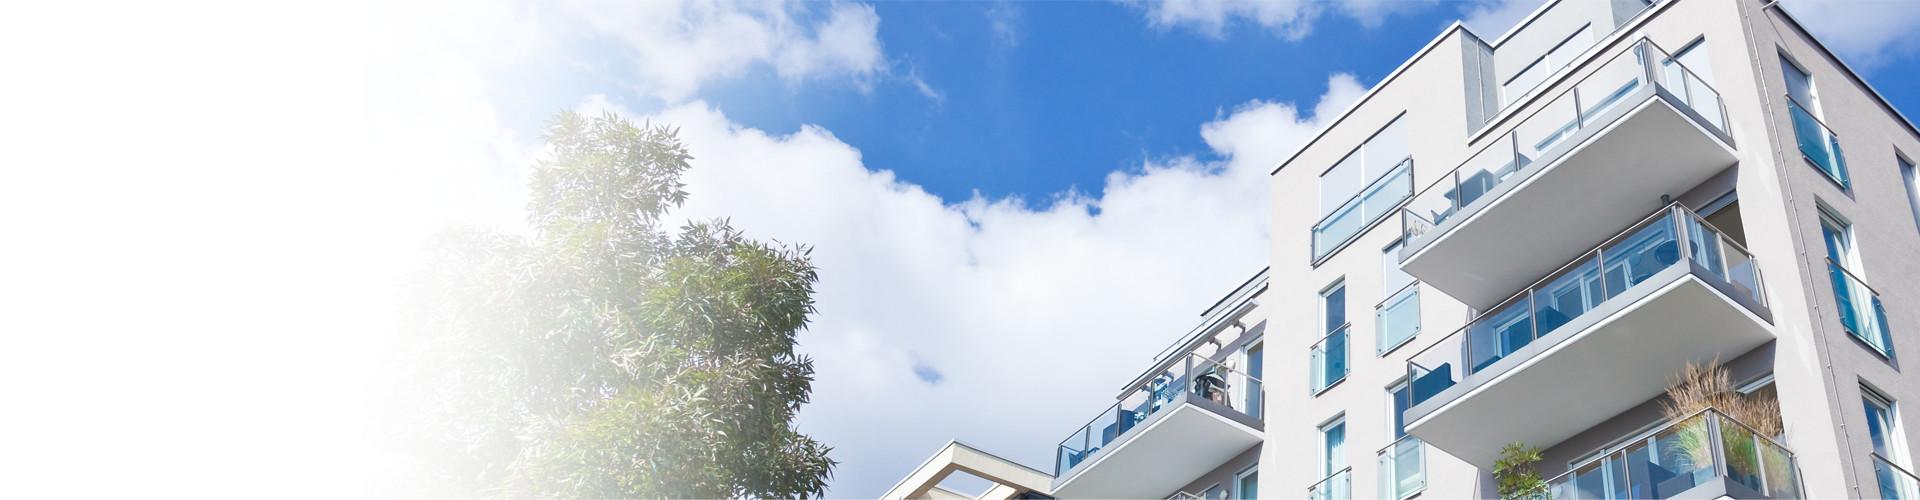 Ein moderner, fünfstöckiger Wohnbau unter blauem Himmel, vor einem Baum © Tiberius Gracchus, stock.adobe.com